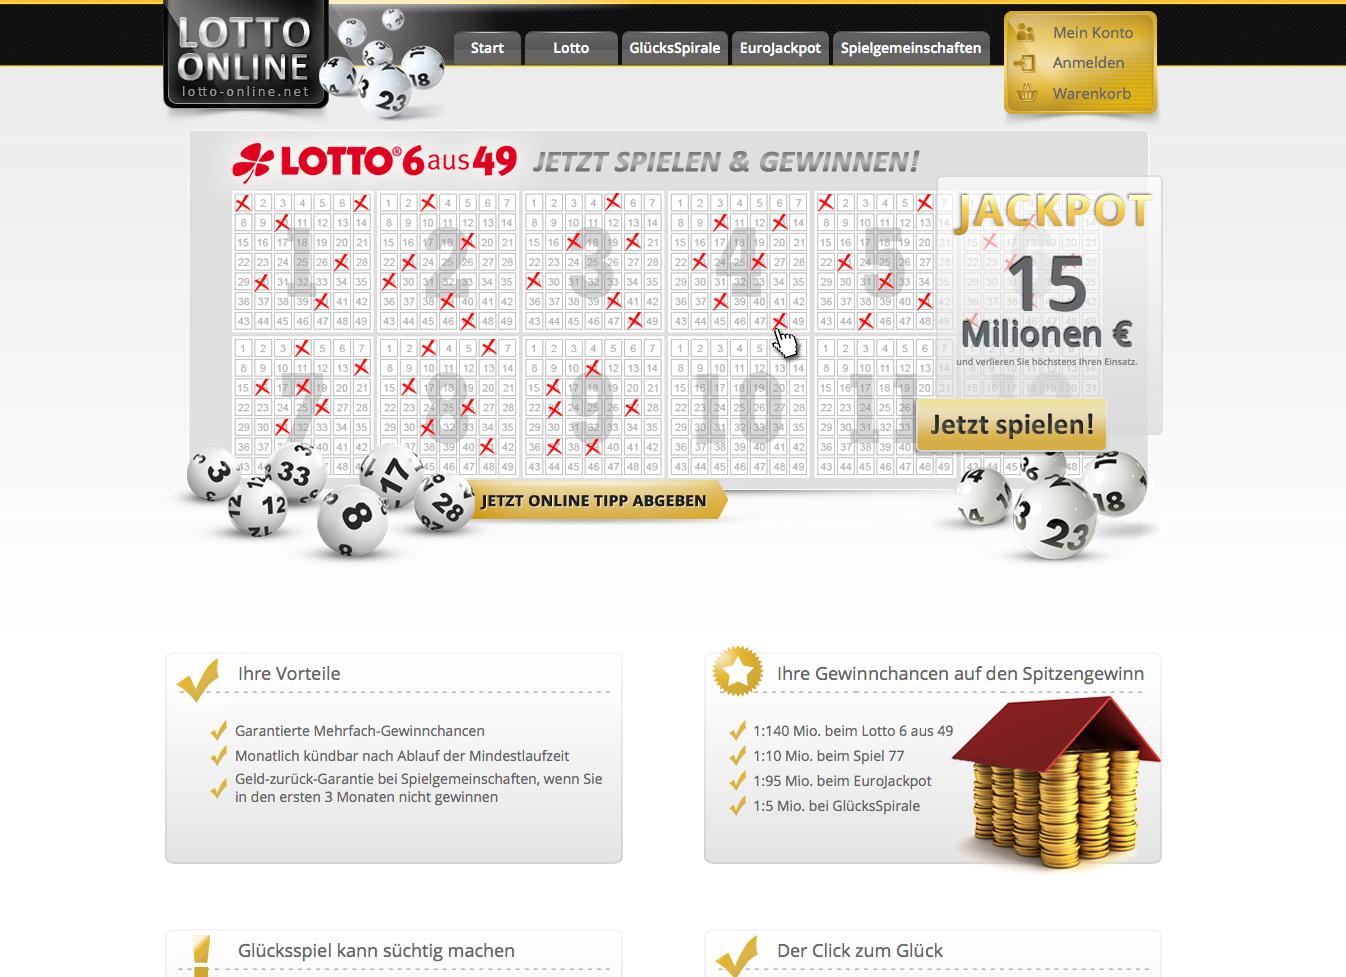 Lotto-online.net Gutschein